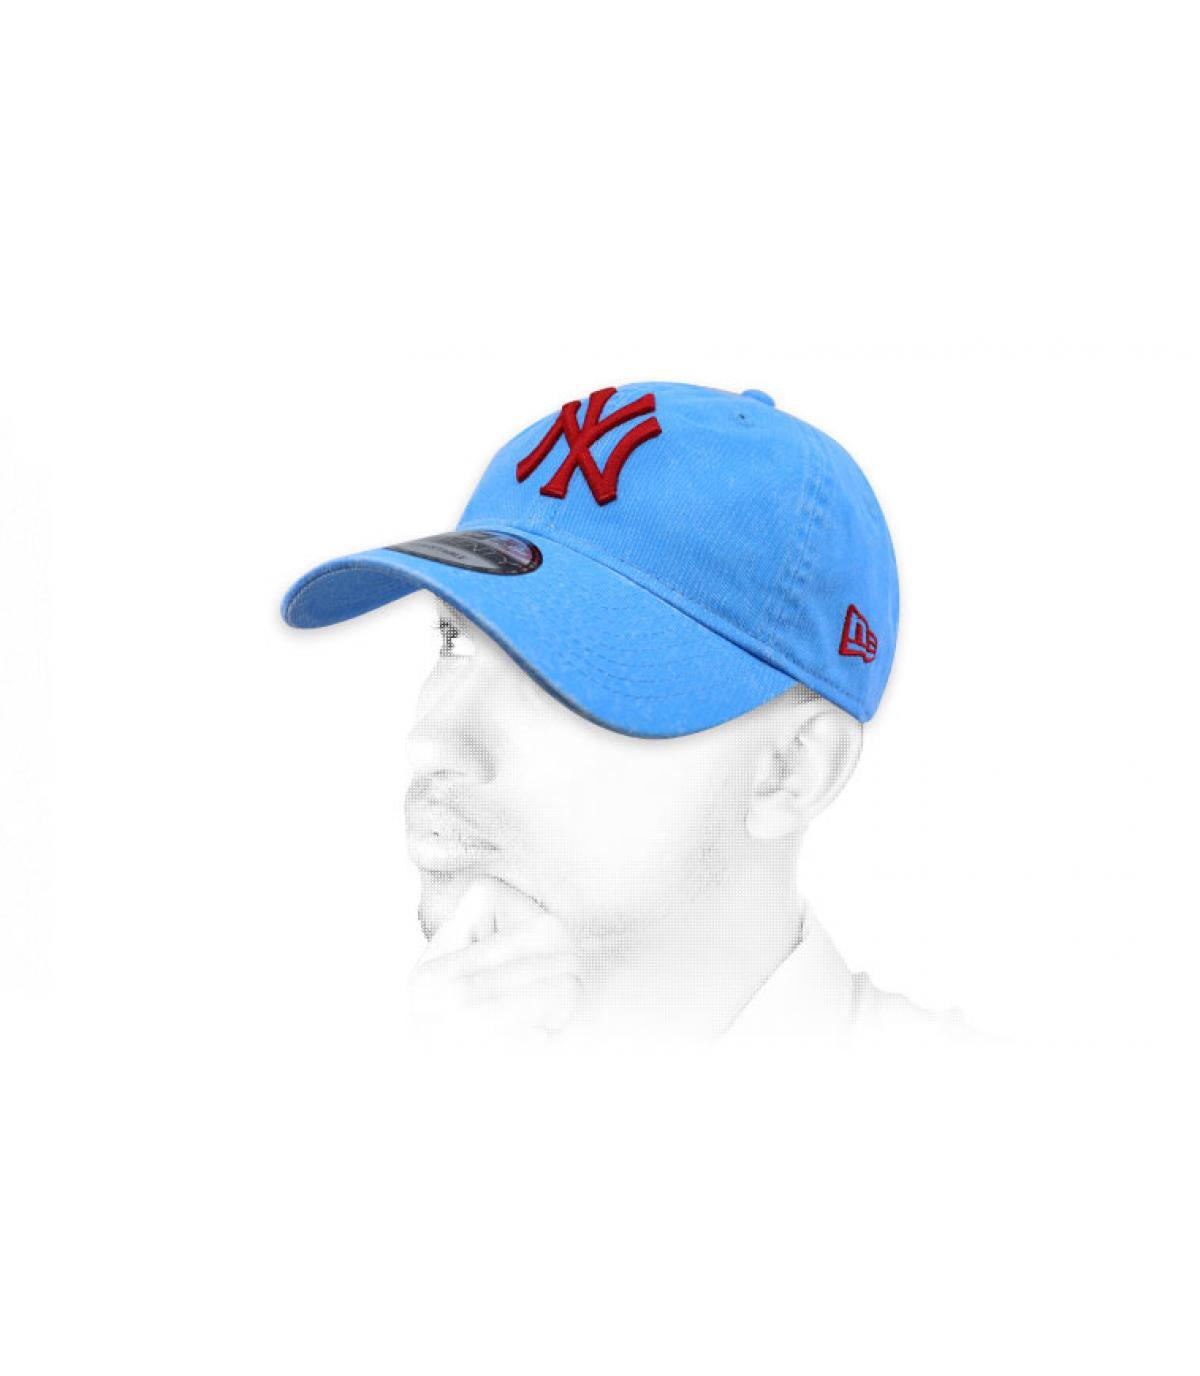 Cap NY blau rot